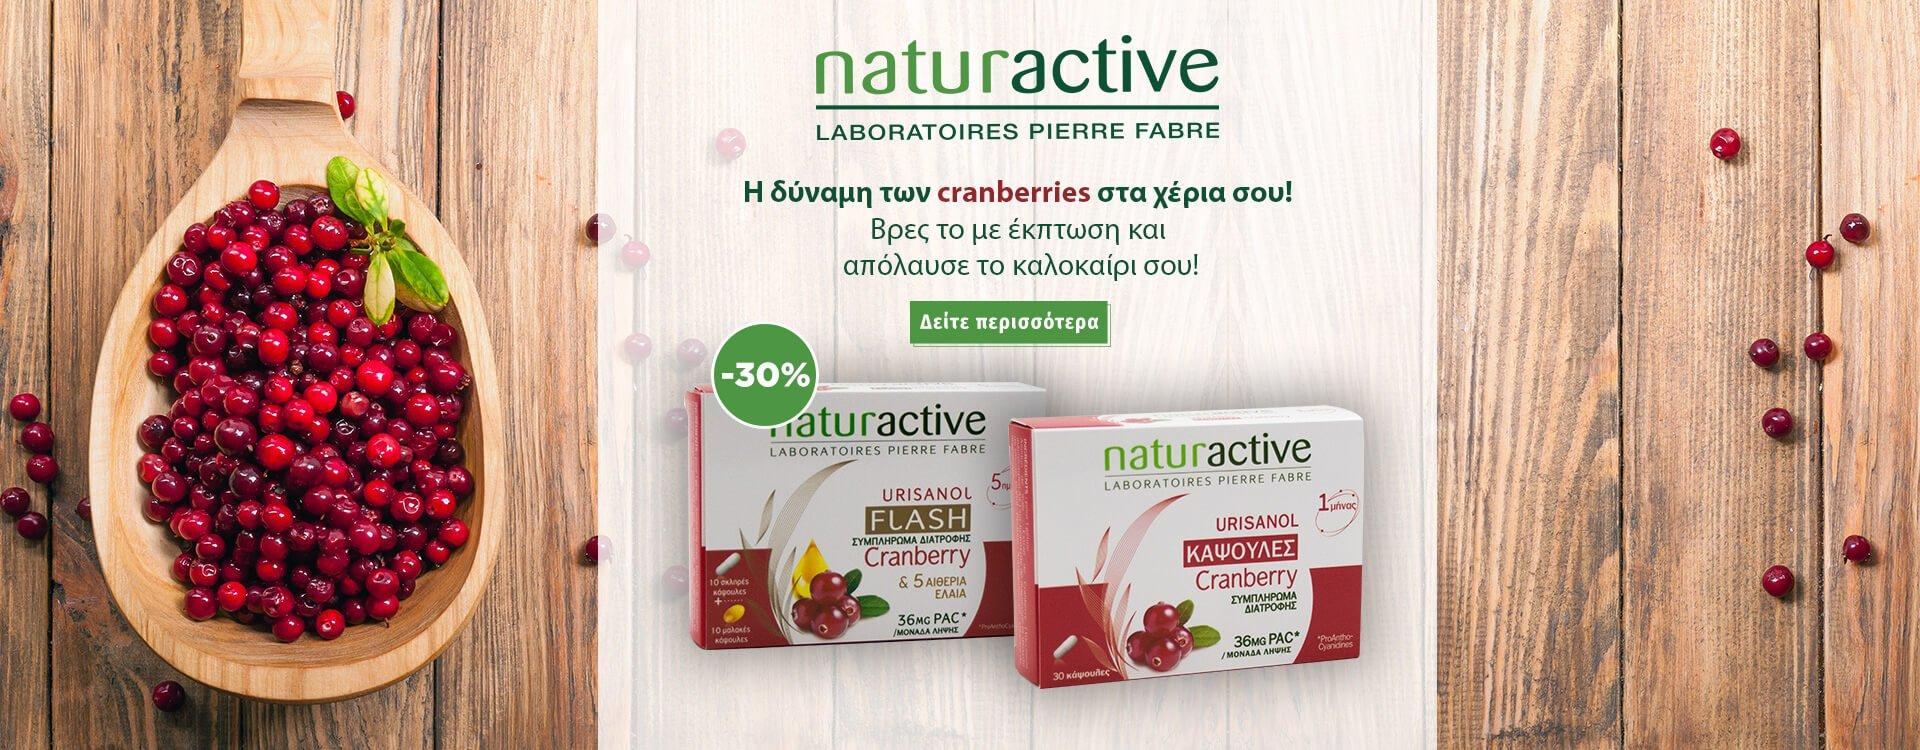 naturactive urisanol